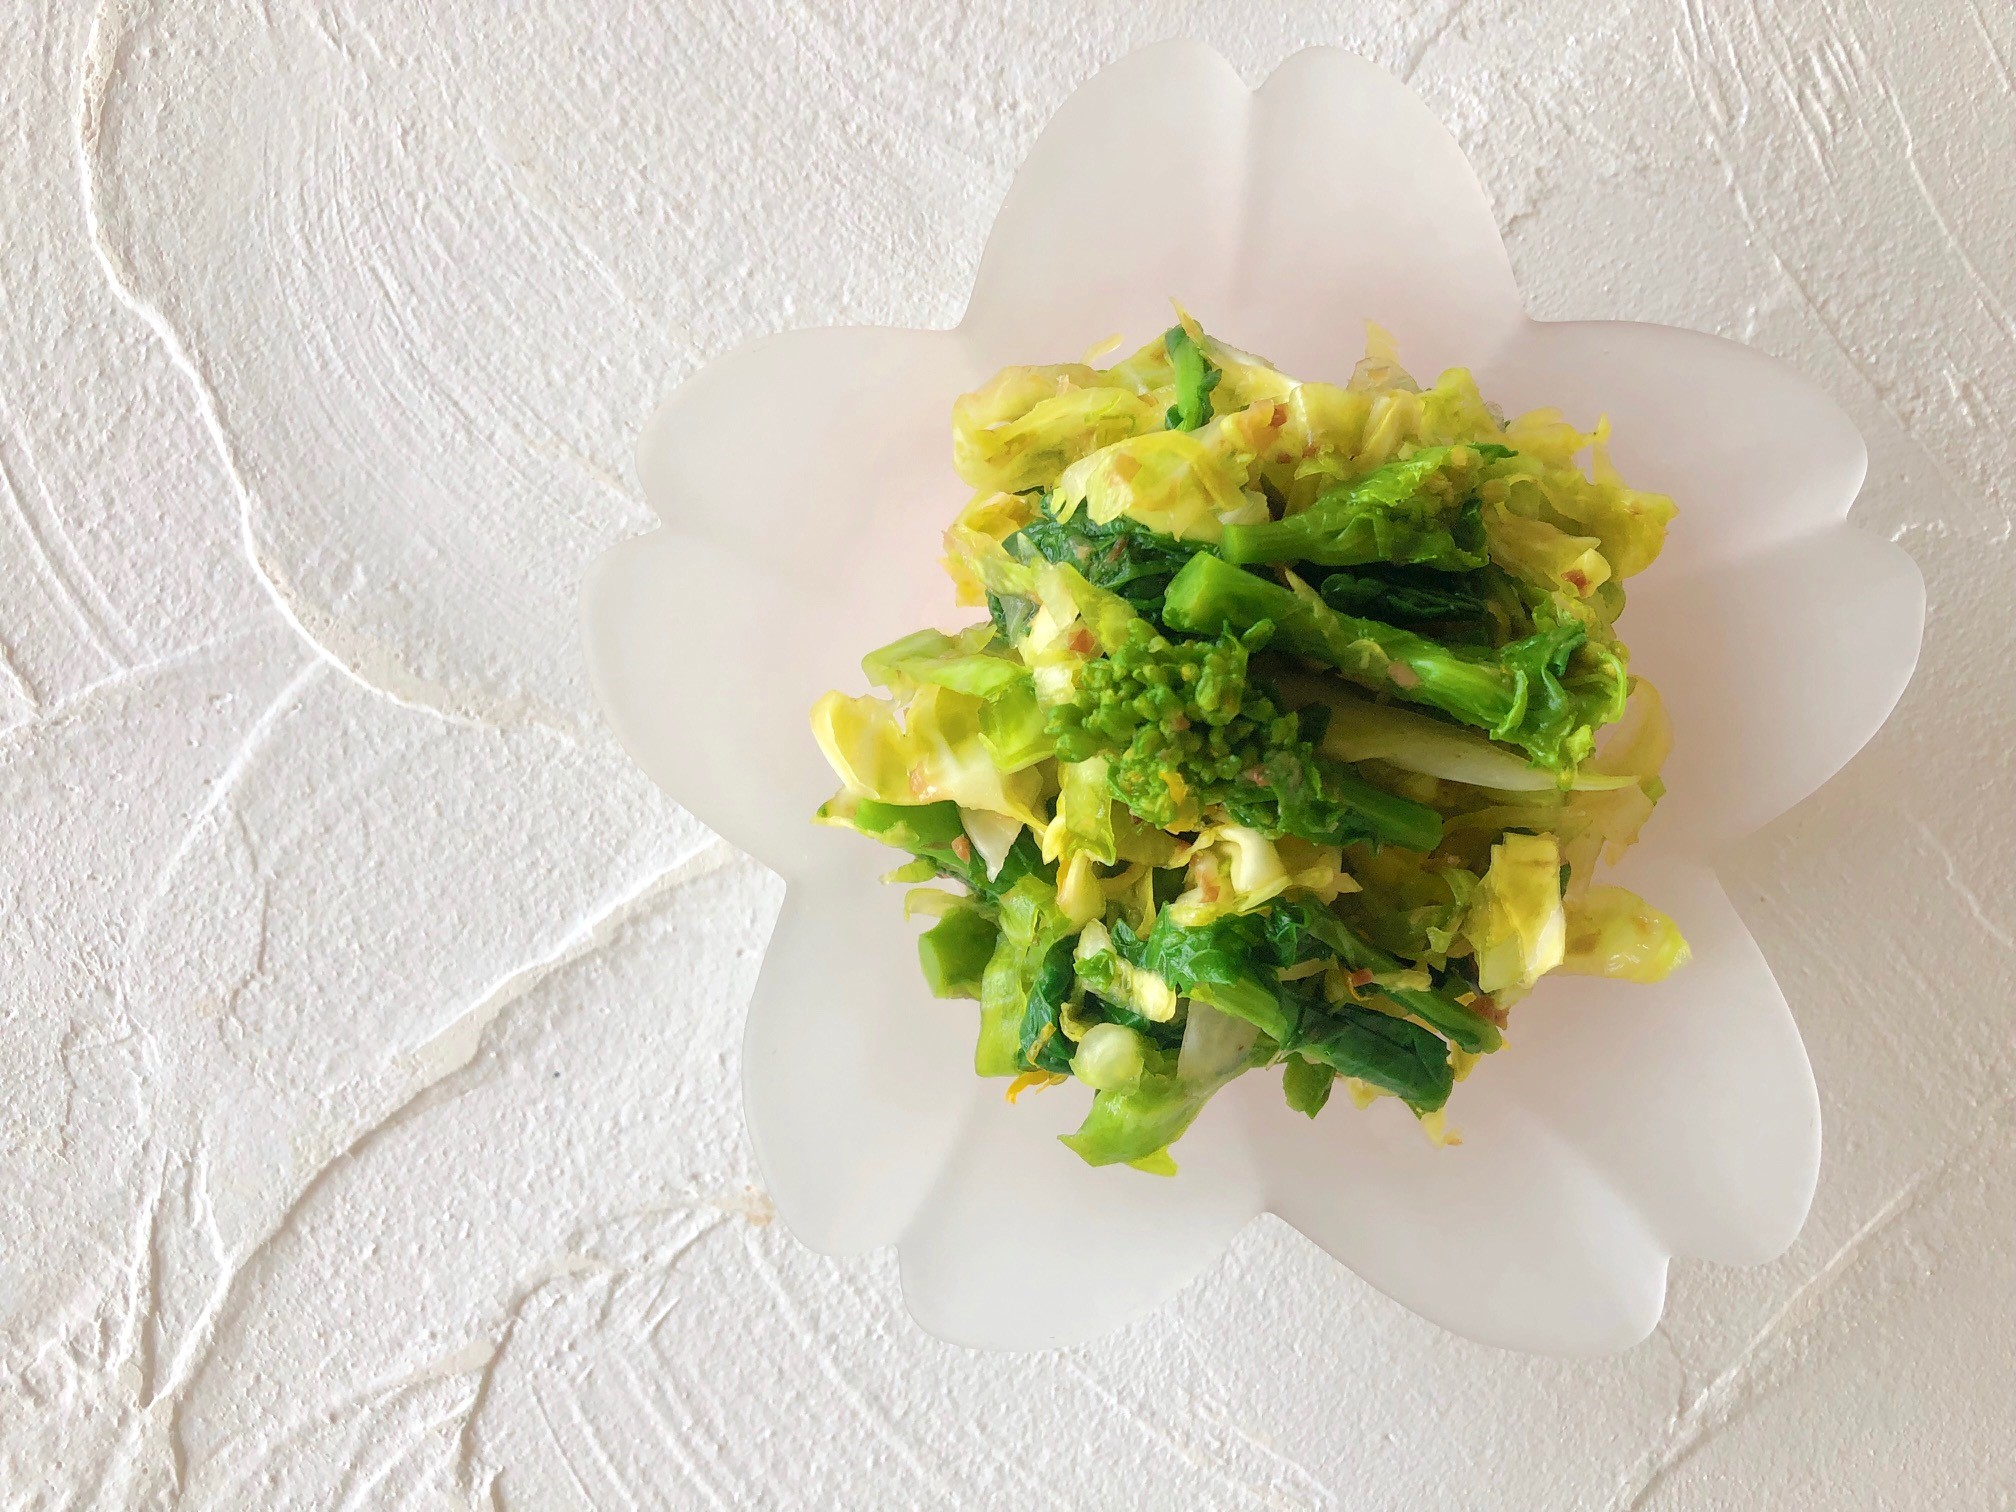 春キャベツと菜の花のおひたしの画像